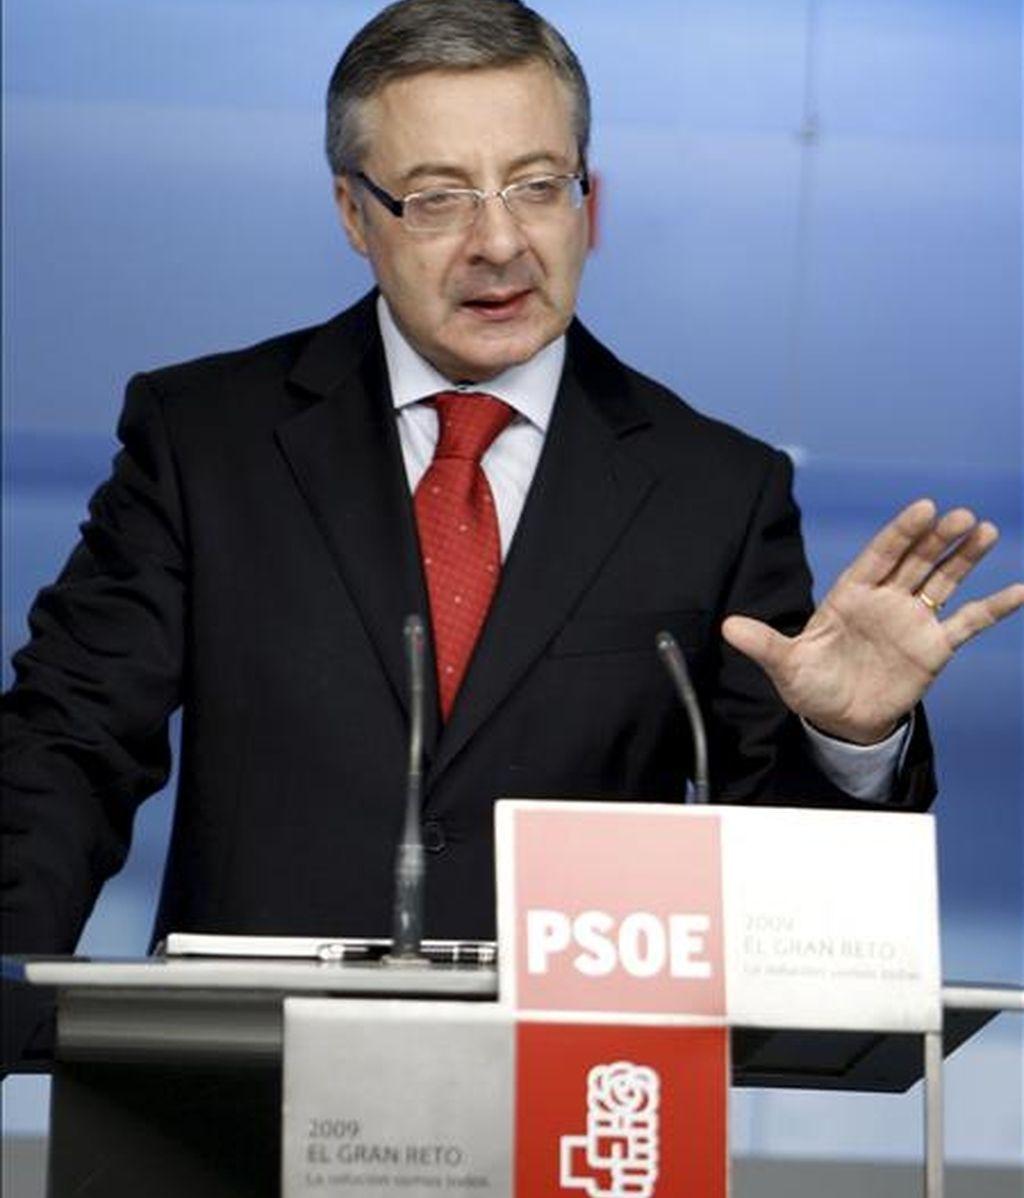 El vicesecretario general del PSOE, José Blanco. EFE/Archivo